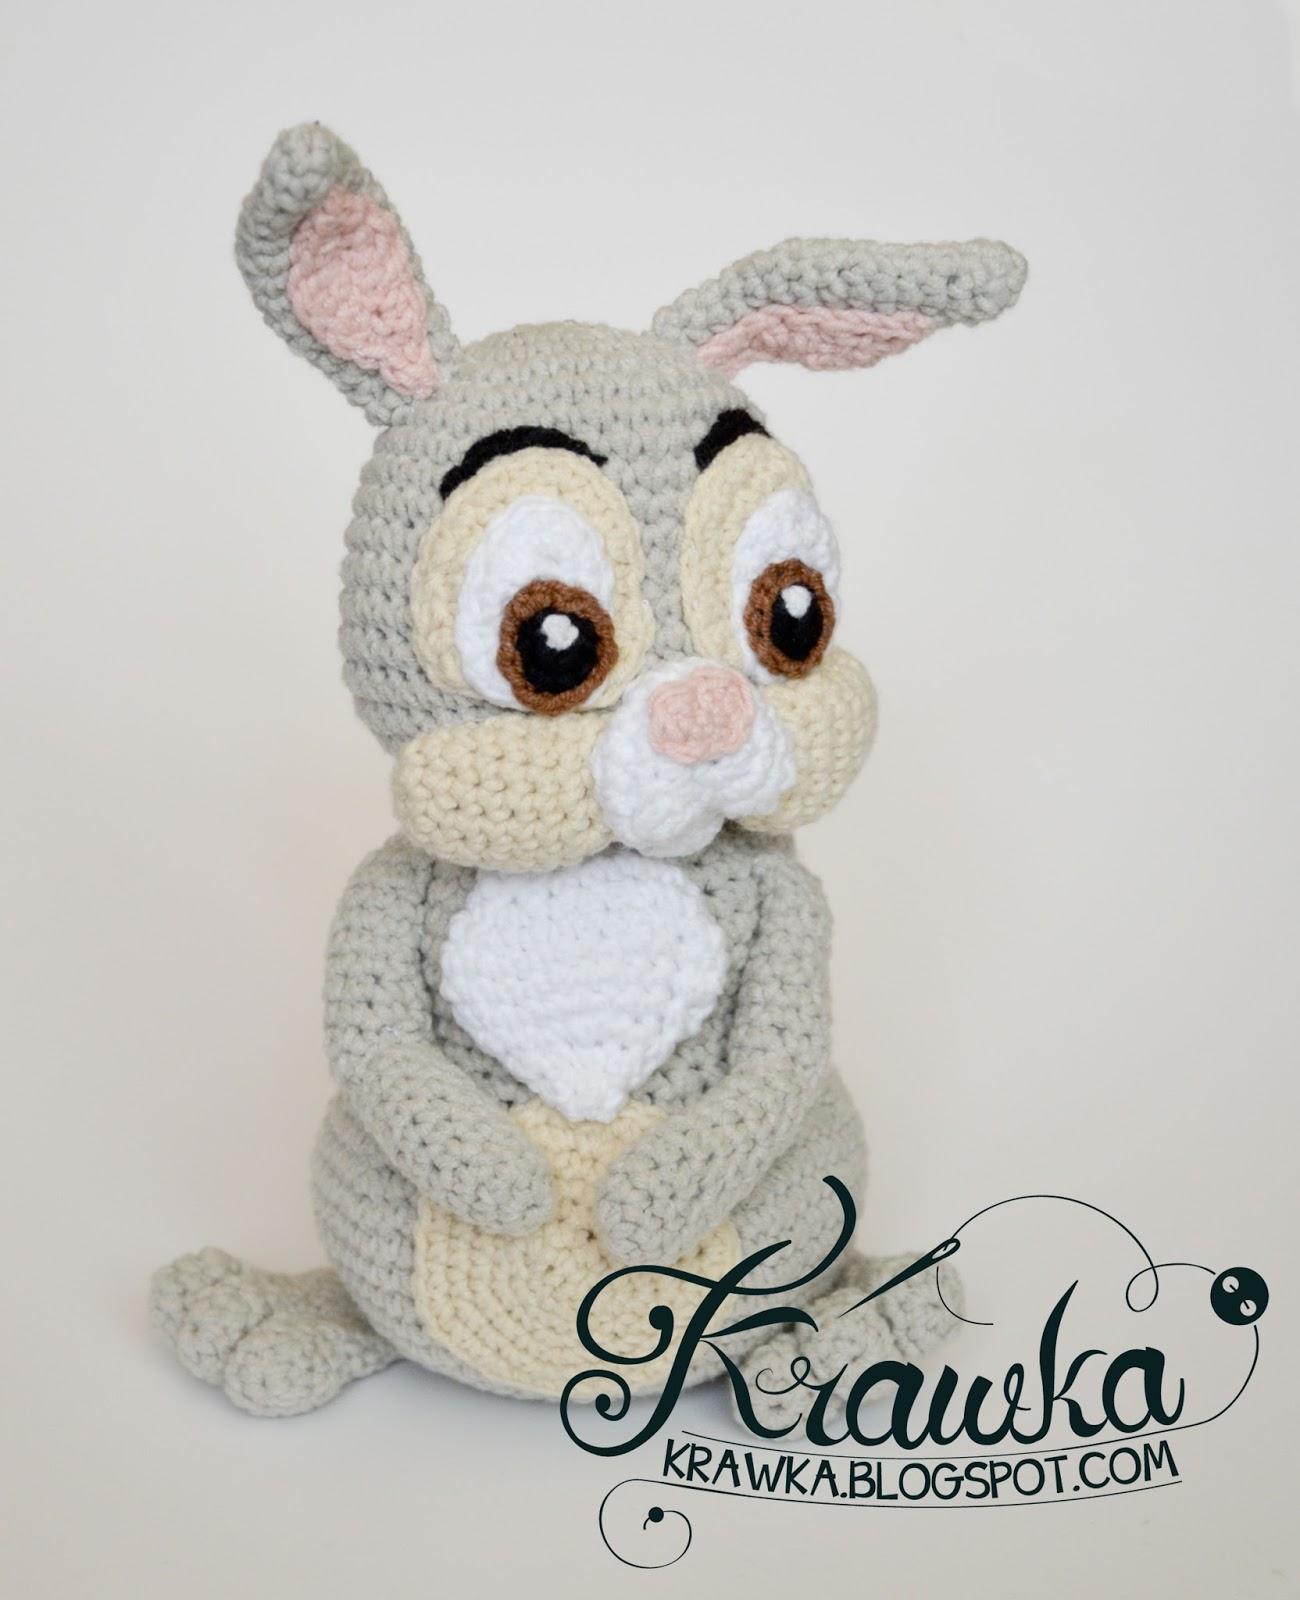 Krawka: Easter Thumper Rabbit from Bambi ETSY pattern